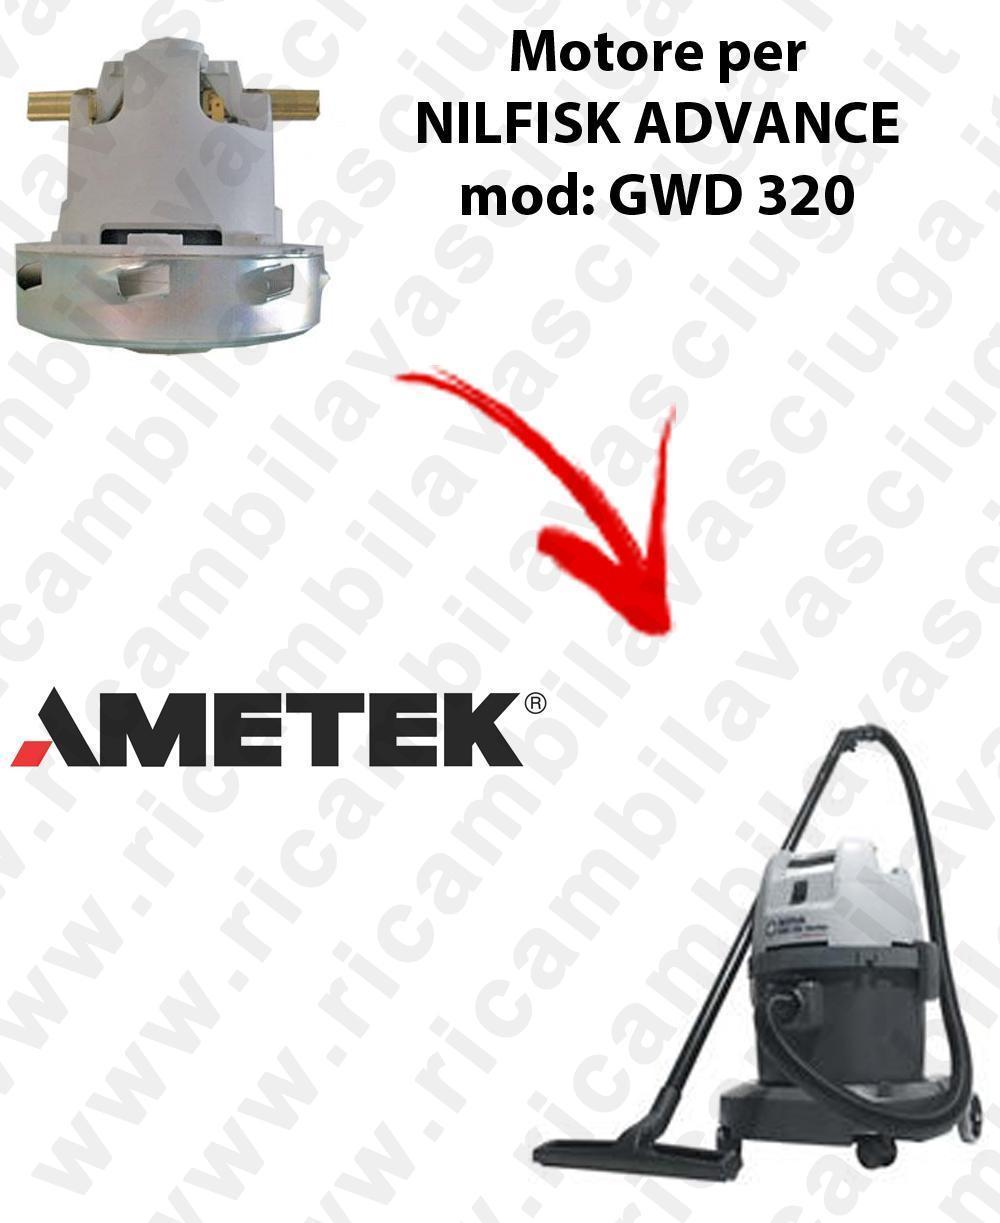 GWD 320 AMETEK Vacuum motor for vacuum cleaner NILFISK ADVANCE